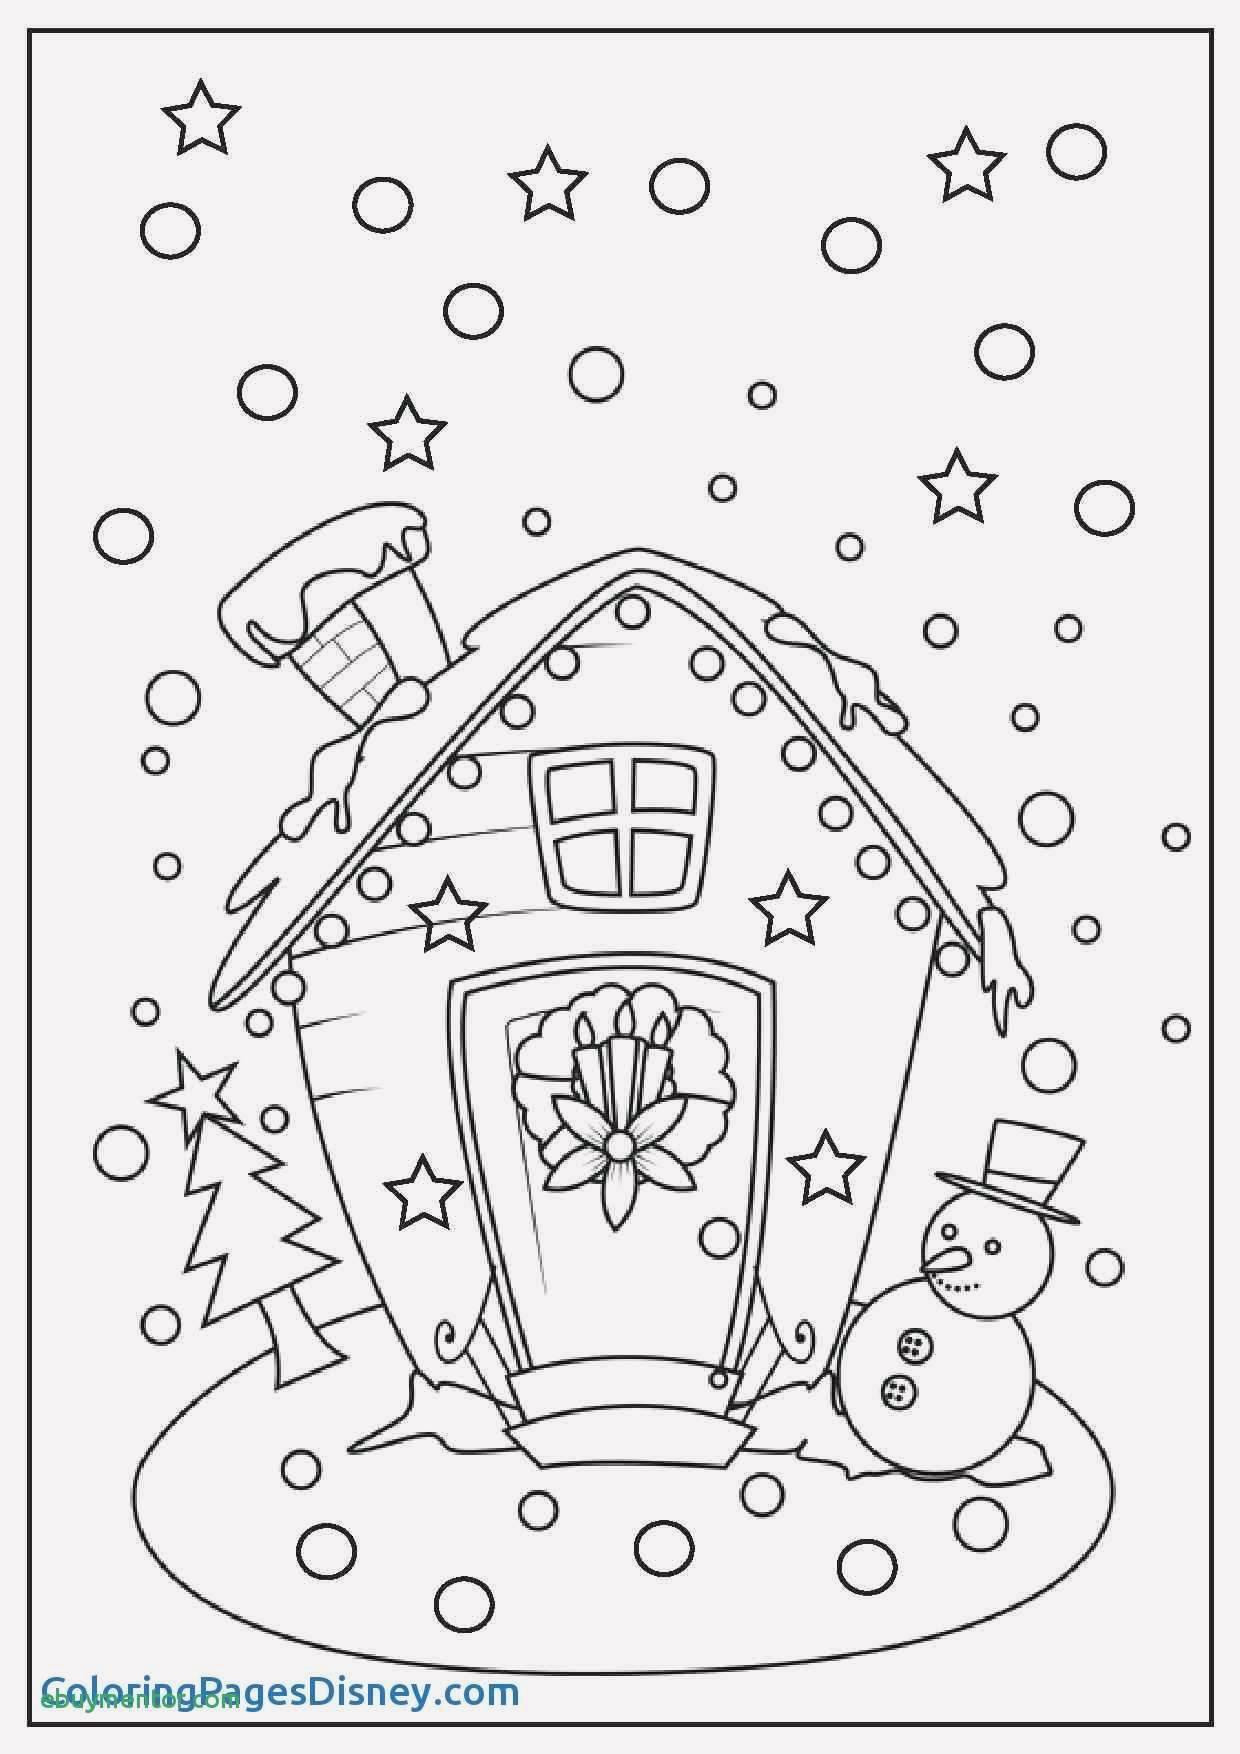 Olaf Ausmalbilder Zum Ausdrucken Inspirierend 25 Erstaunlich Ausmalbilder Weihnachten Olaf Sammlung